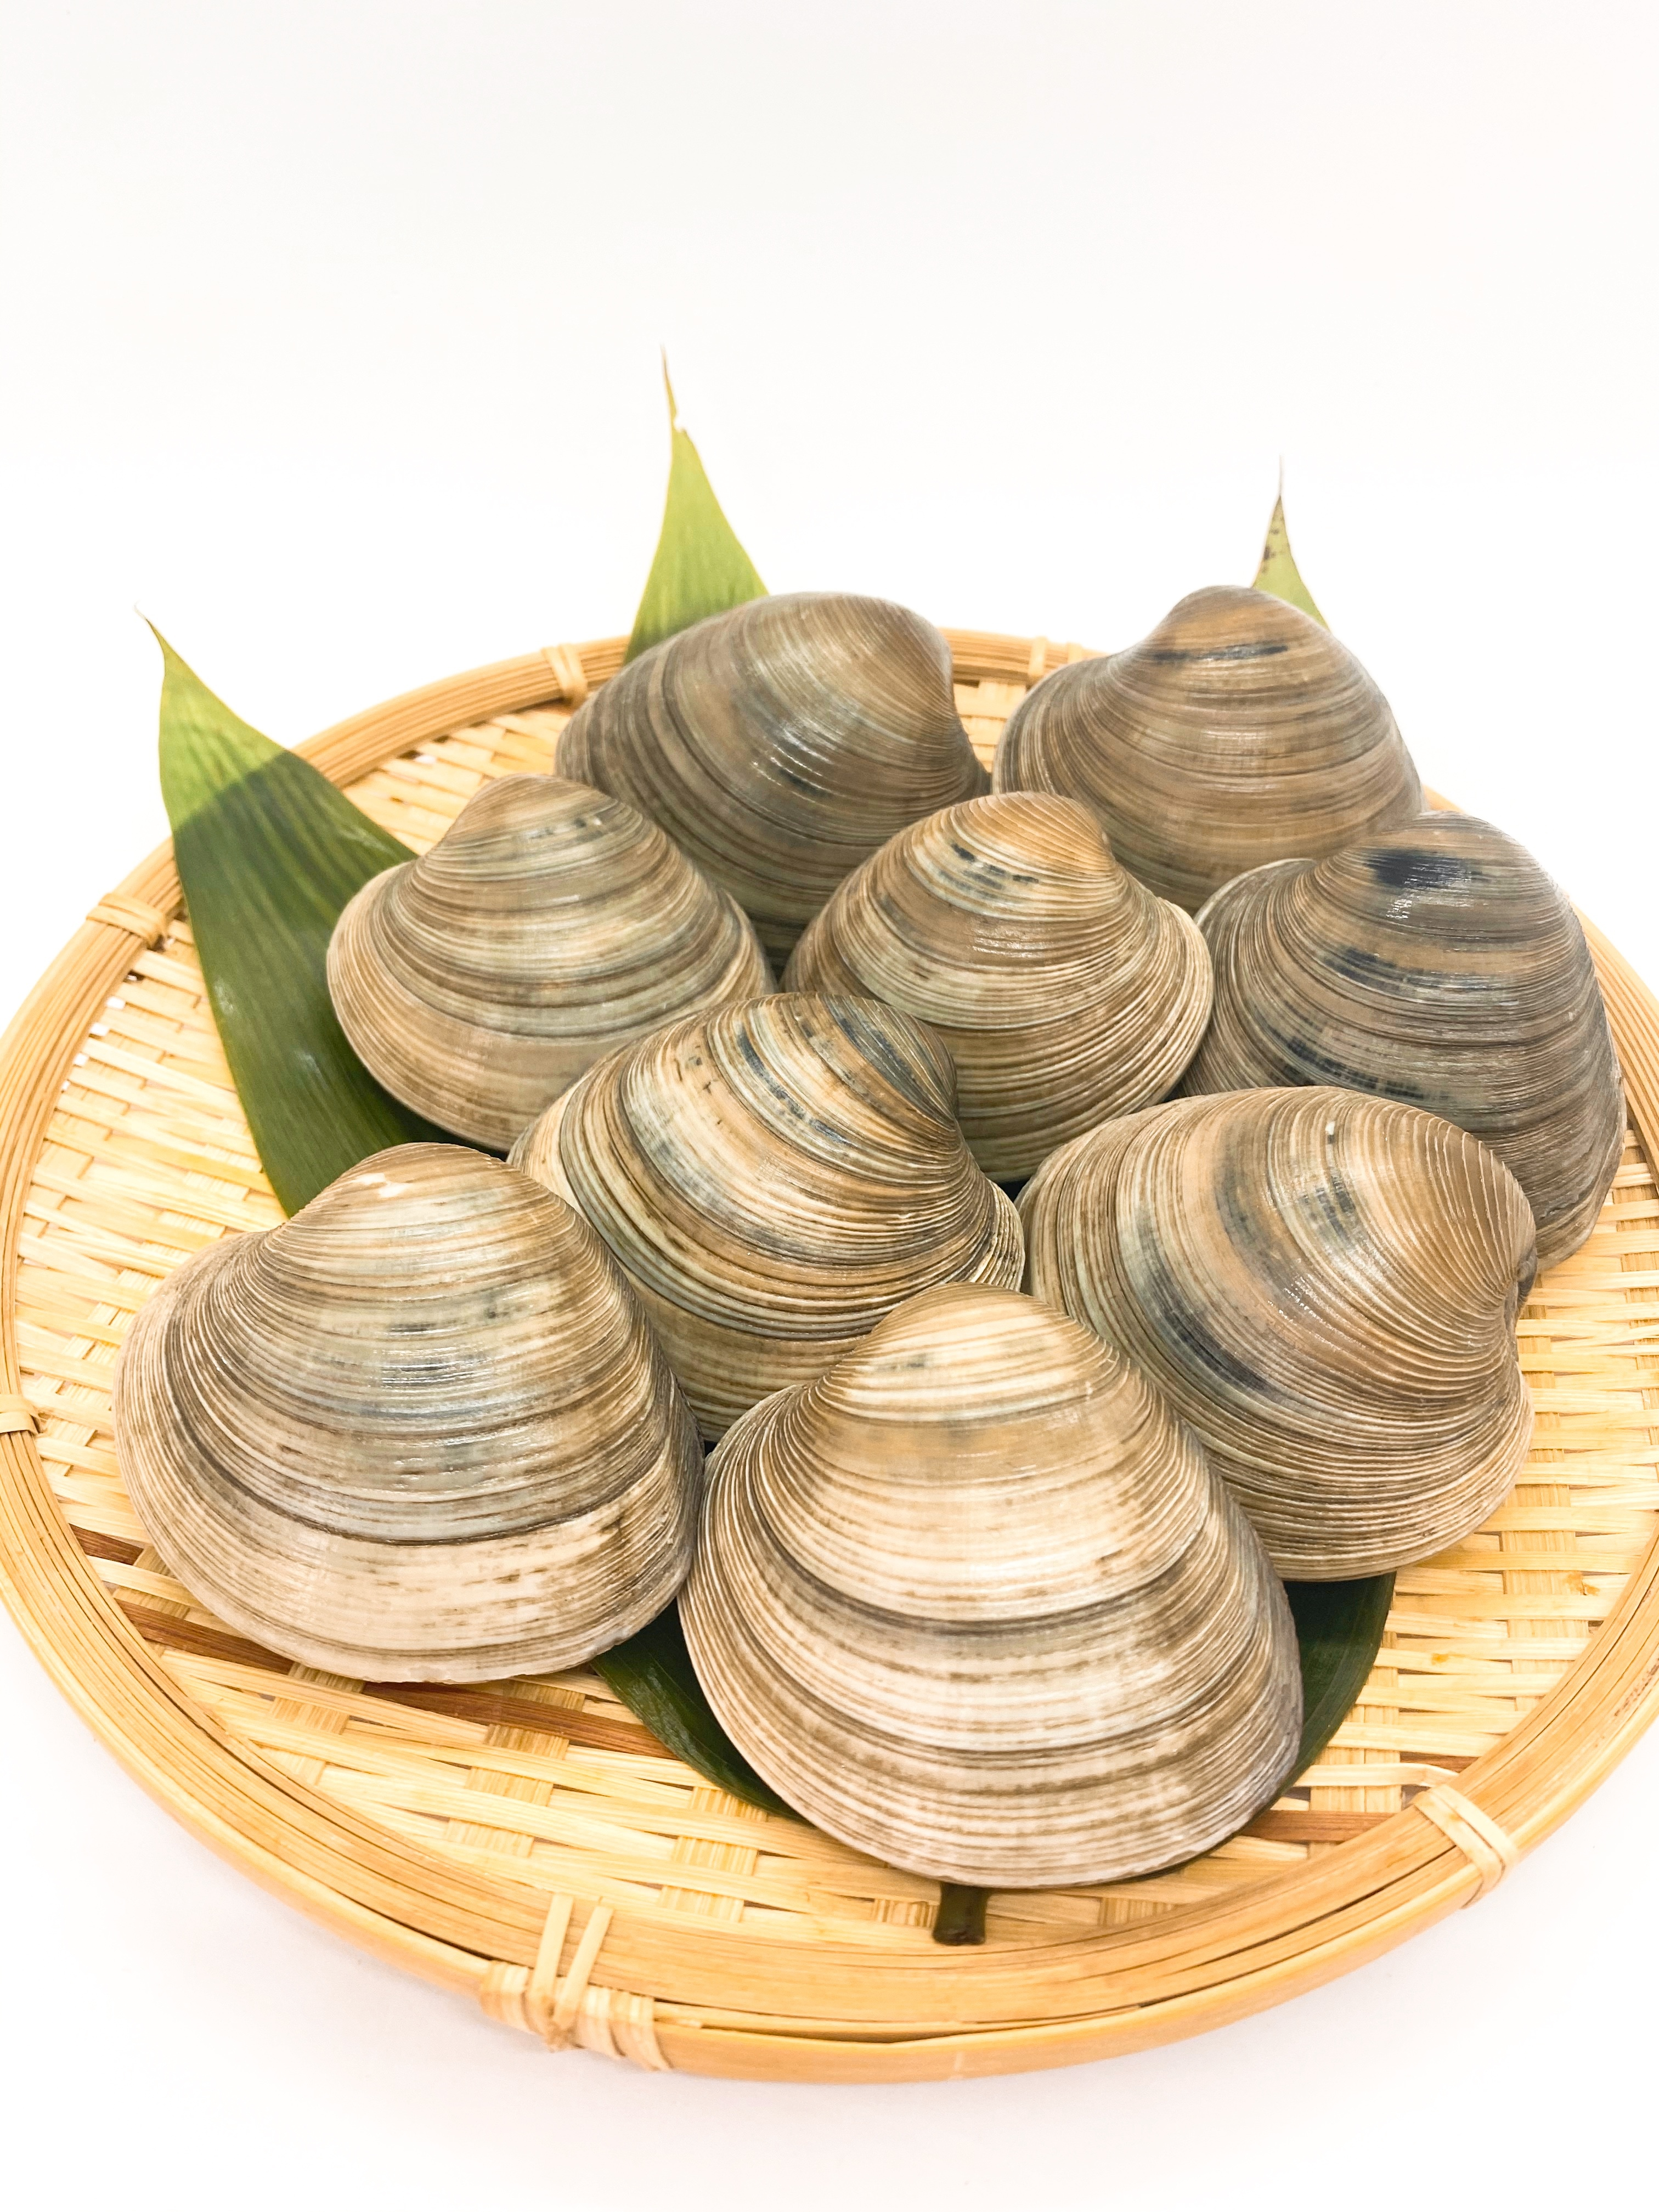 千葉県産 活ホンビノス貝 SサイズMサイズ混じり 約10kg入り